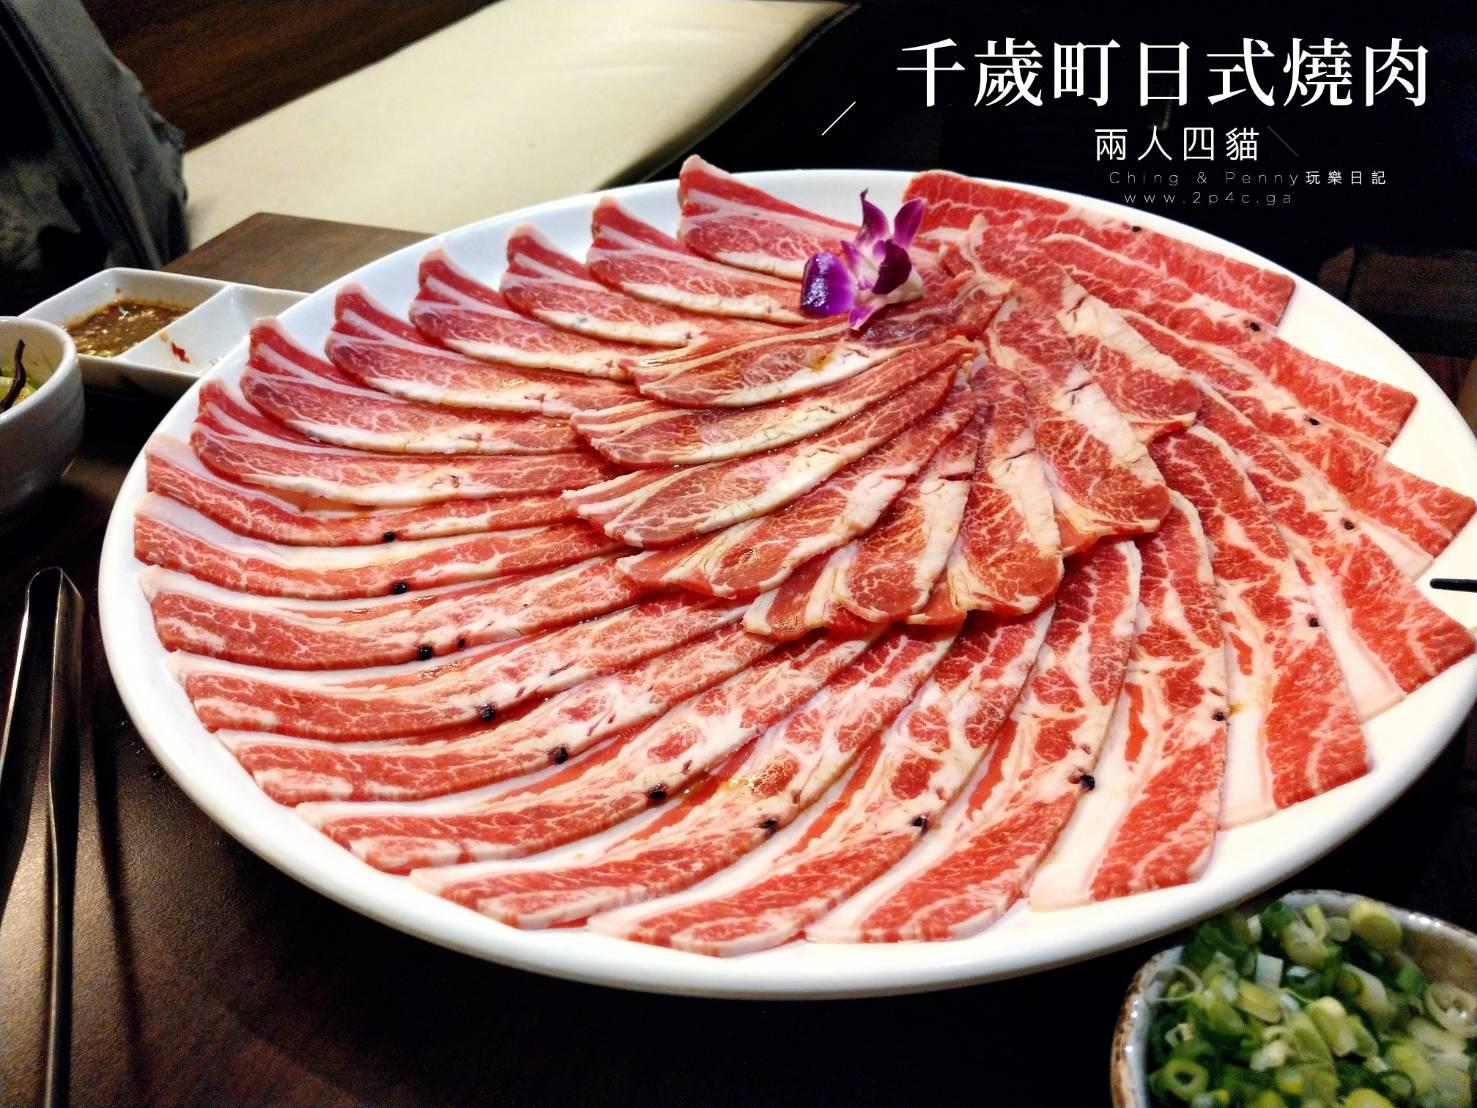 【永和|美食】頂溪捷運站外的超大盤燒肉!【千歲町日式燒肉】給你滿滿的安格斯牛五花!